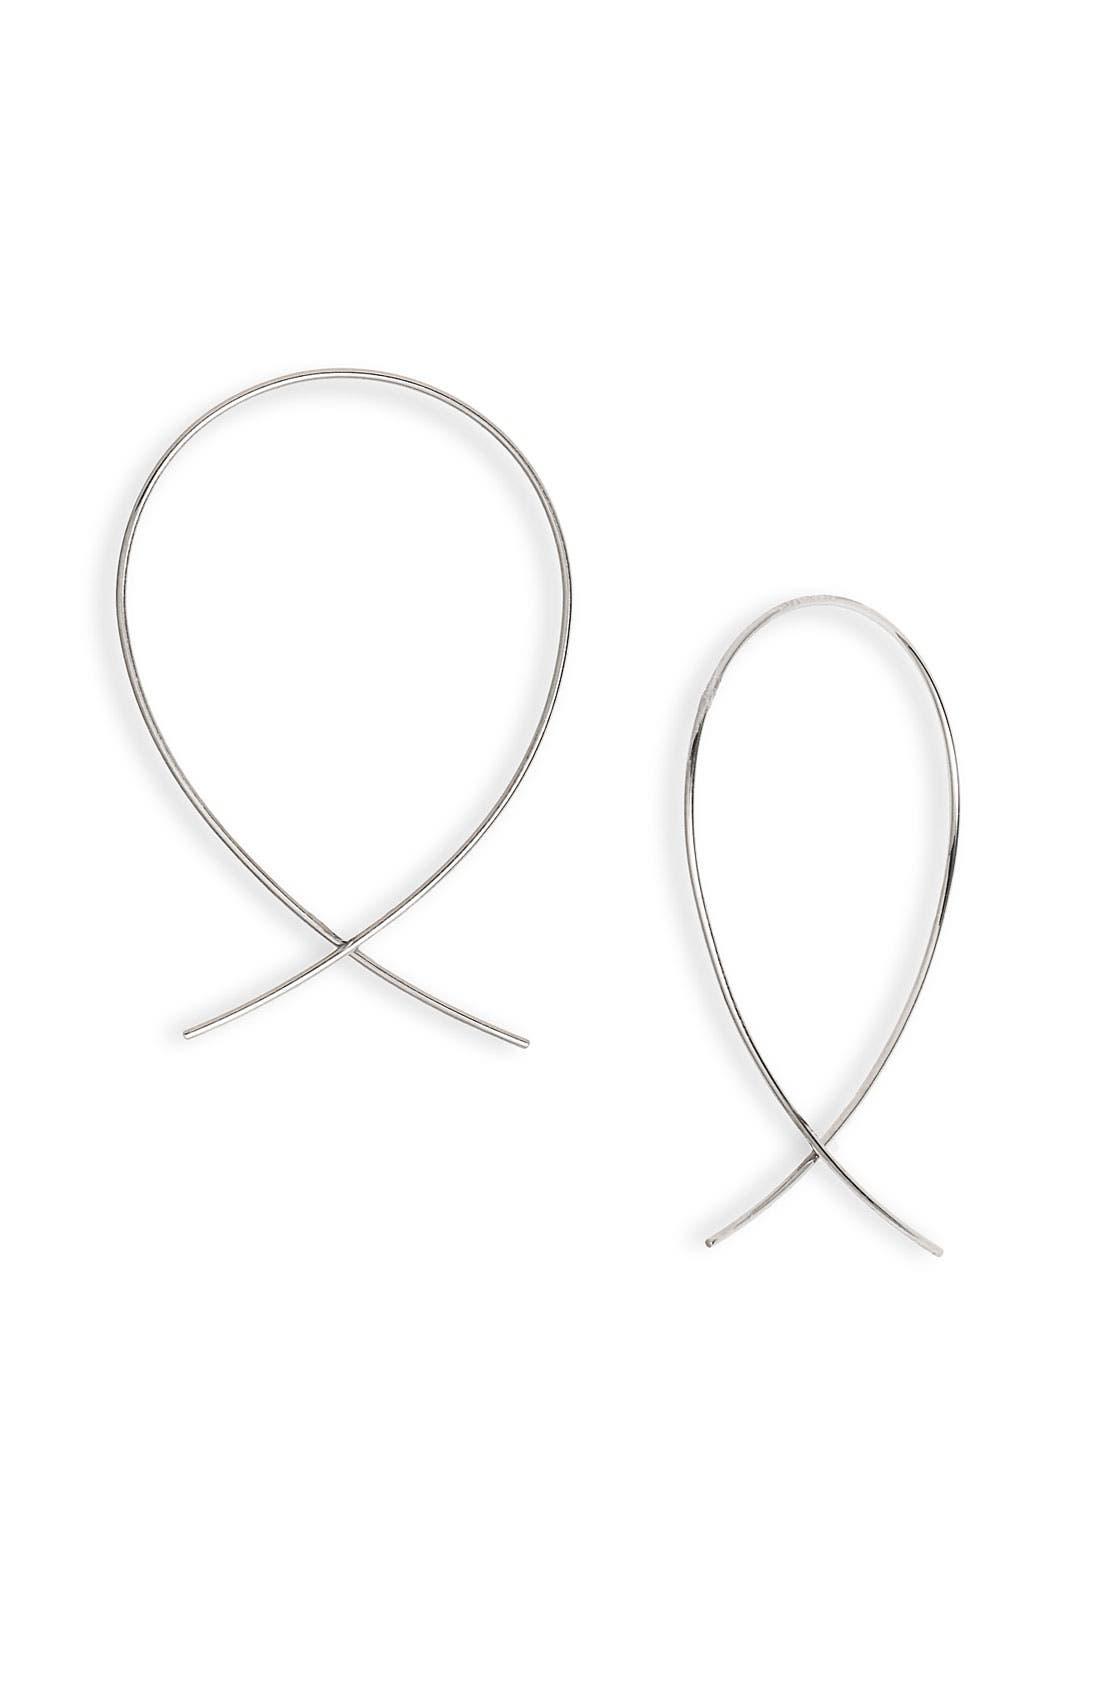 Lana Jewelry Upside Down Small Hoop Earrings